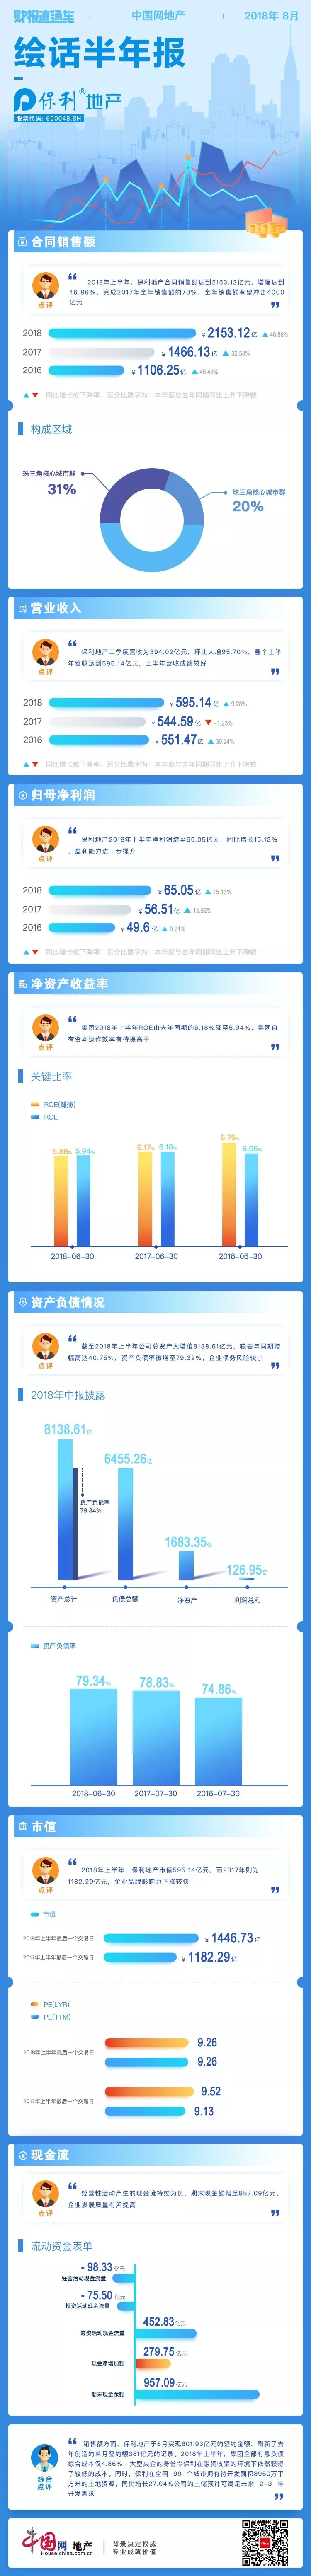 财报直通车 | 绘话半年报11期——保利地产-中国网地产